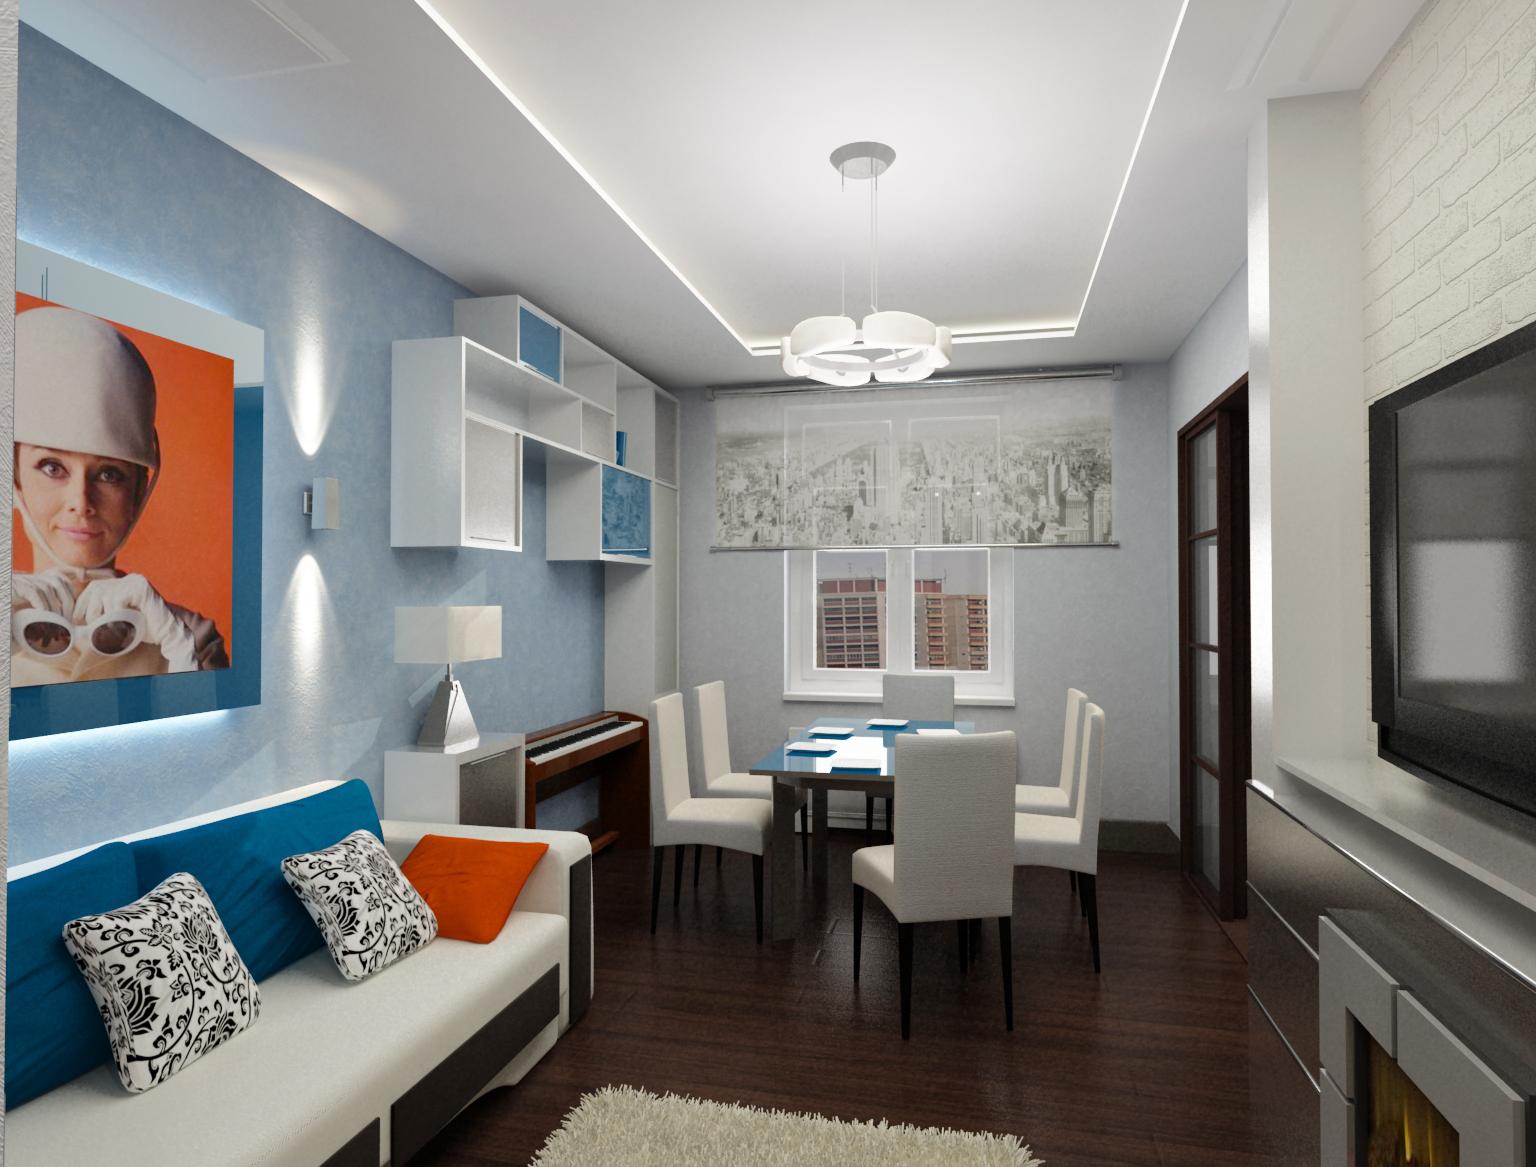 Проект дизайна четырехкомнатной квартиры.